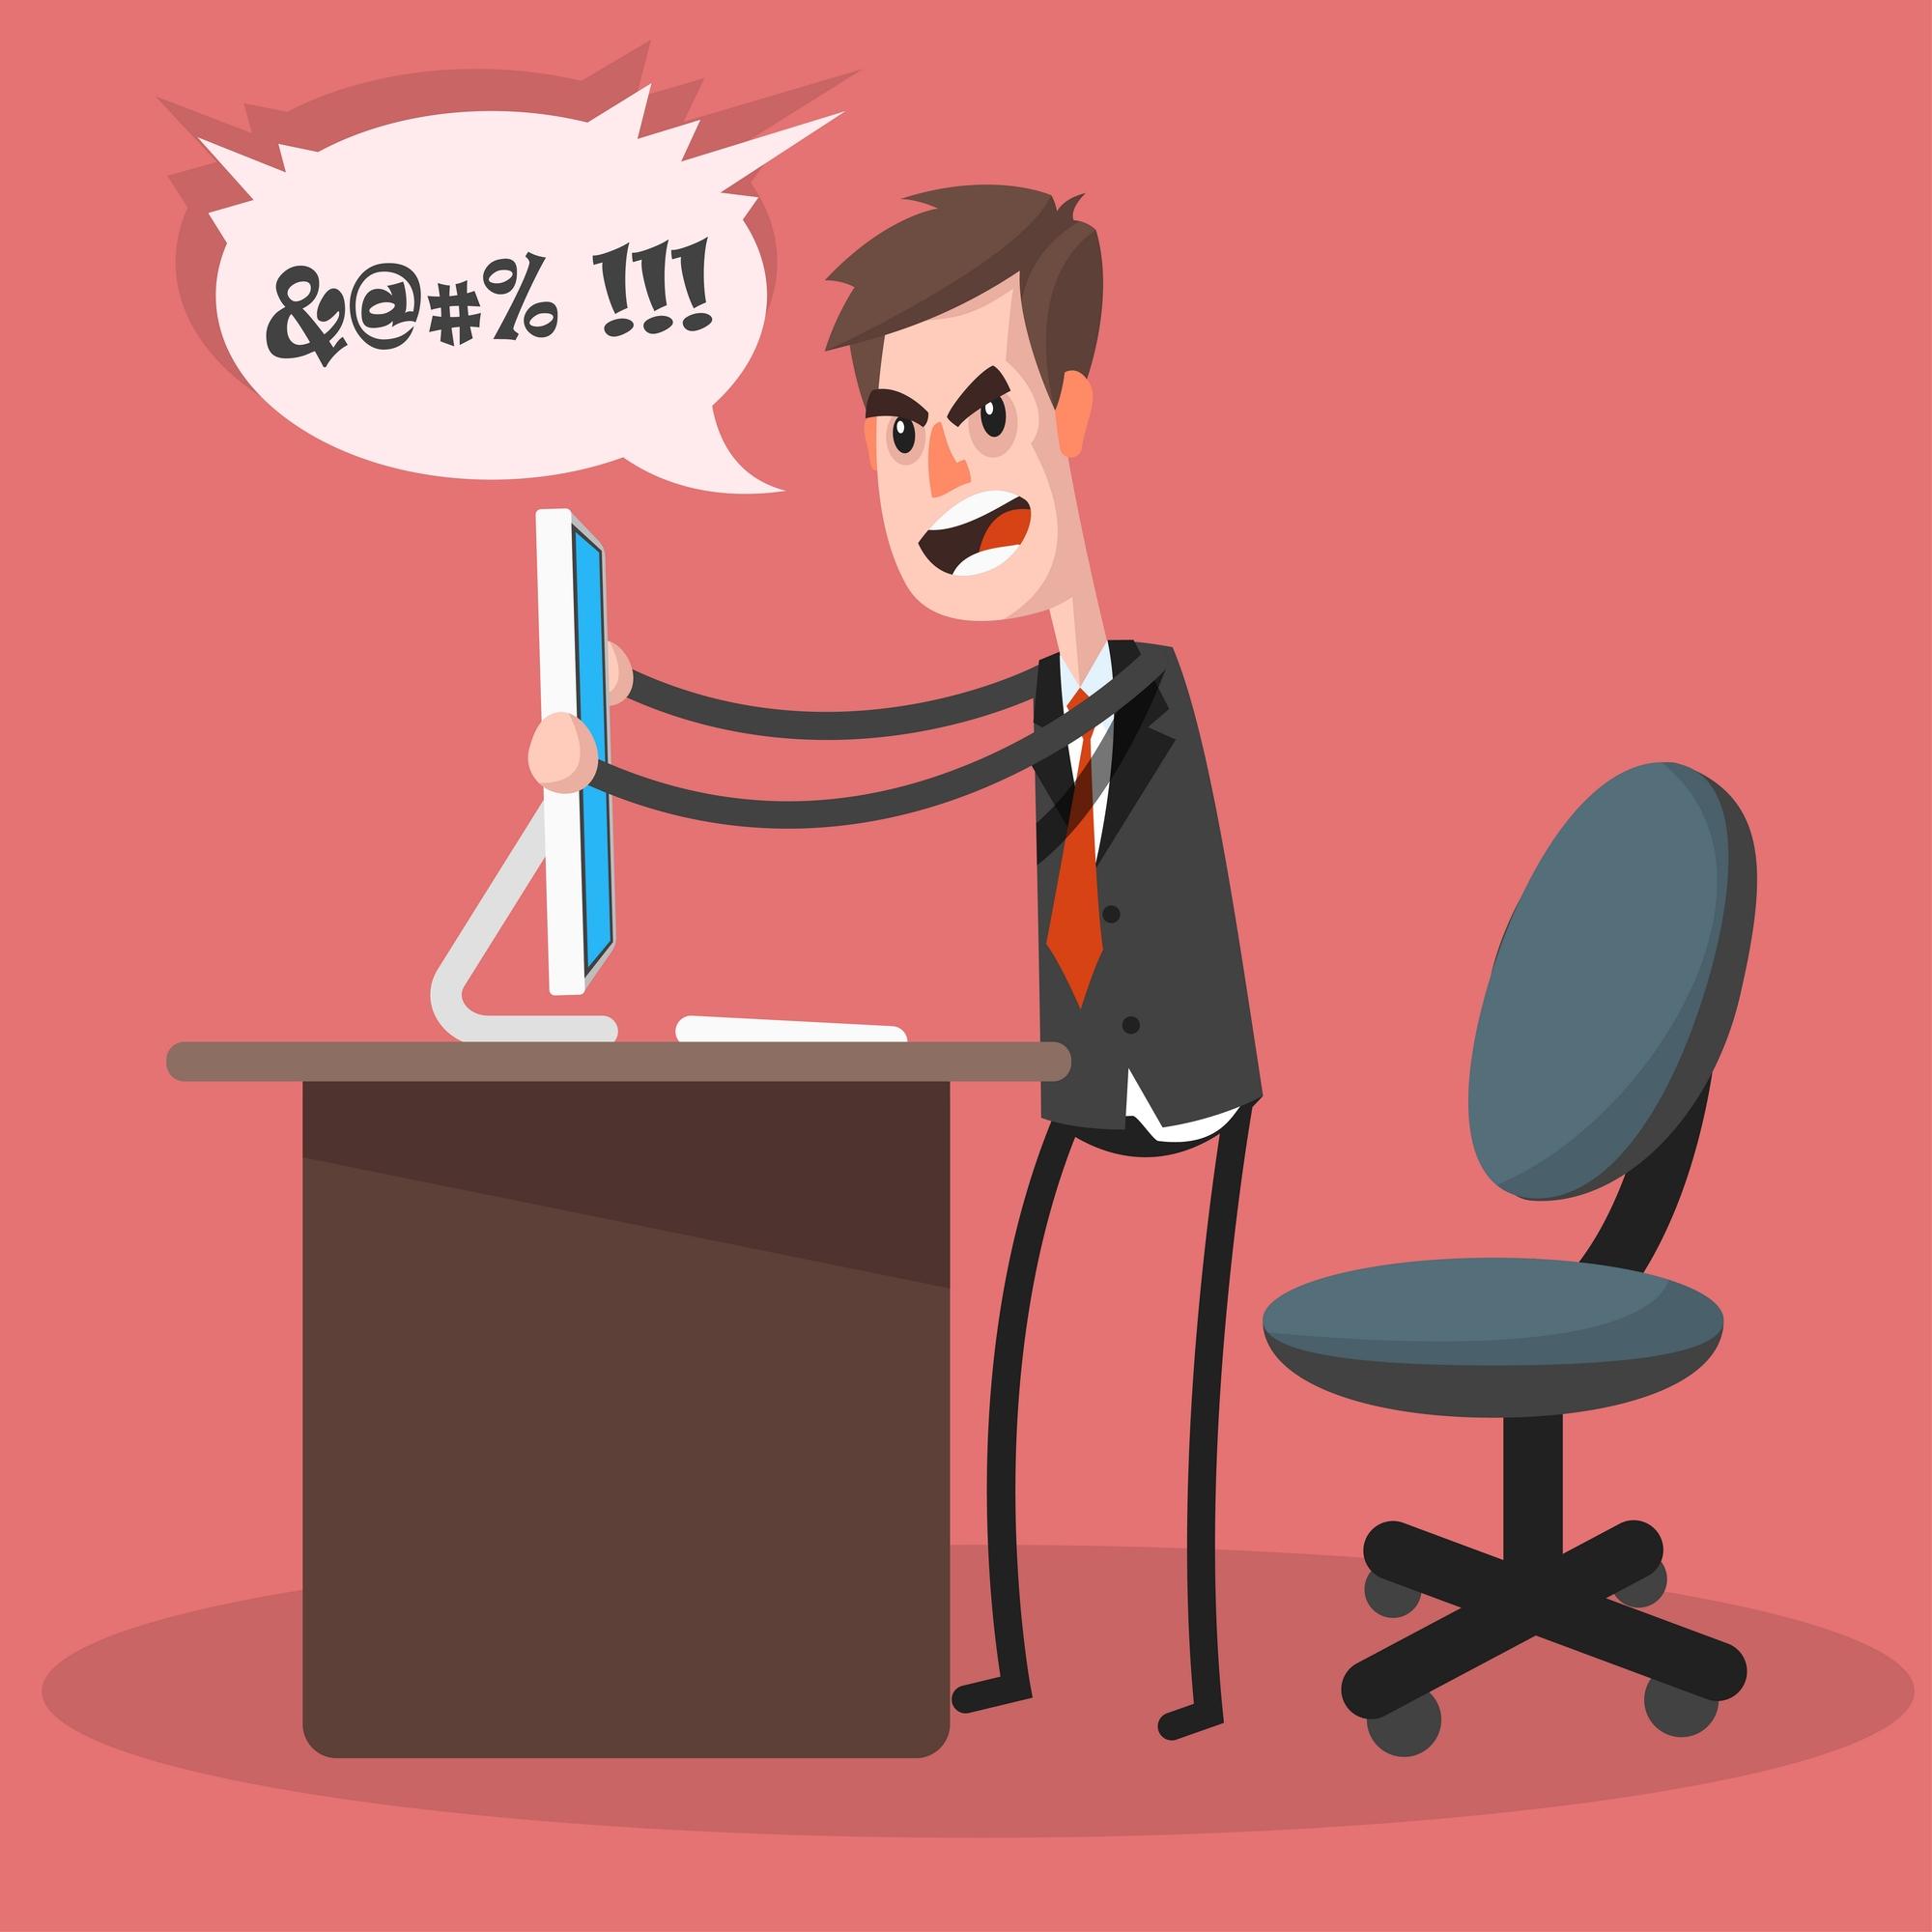 Шантаж, плагиат и срыв сроков: какие проблемы случаются при разработке сайтов и как их избежать